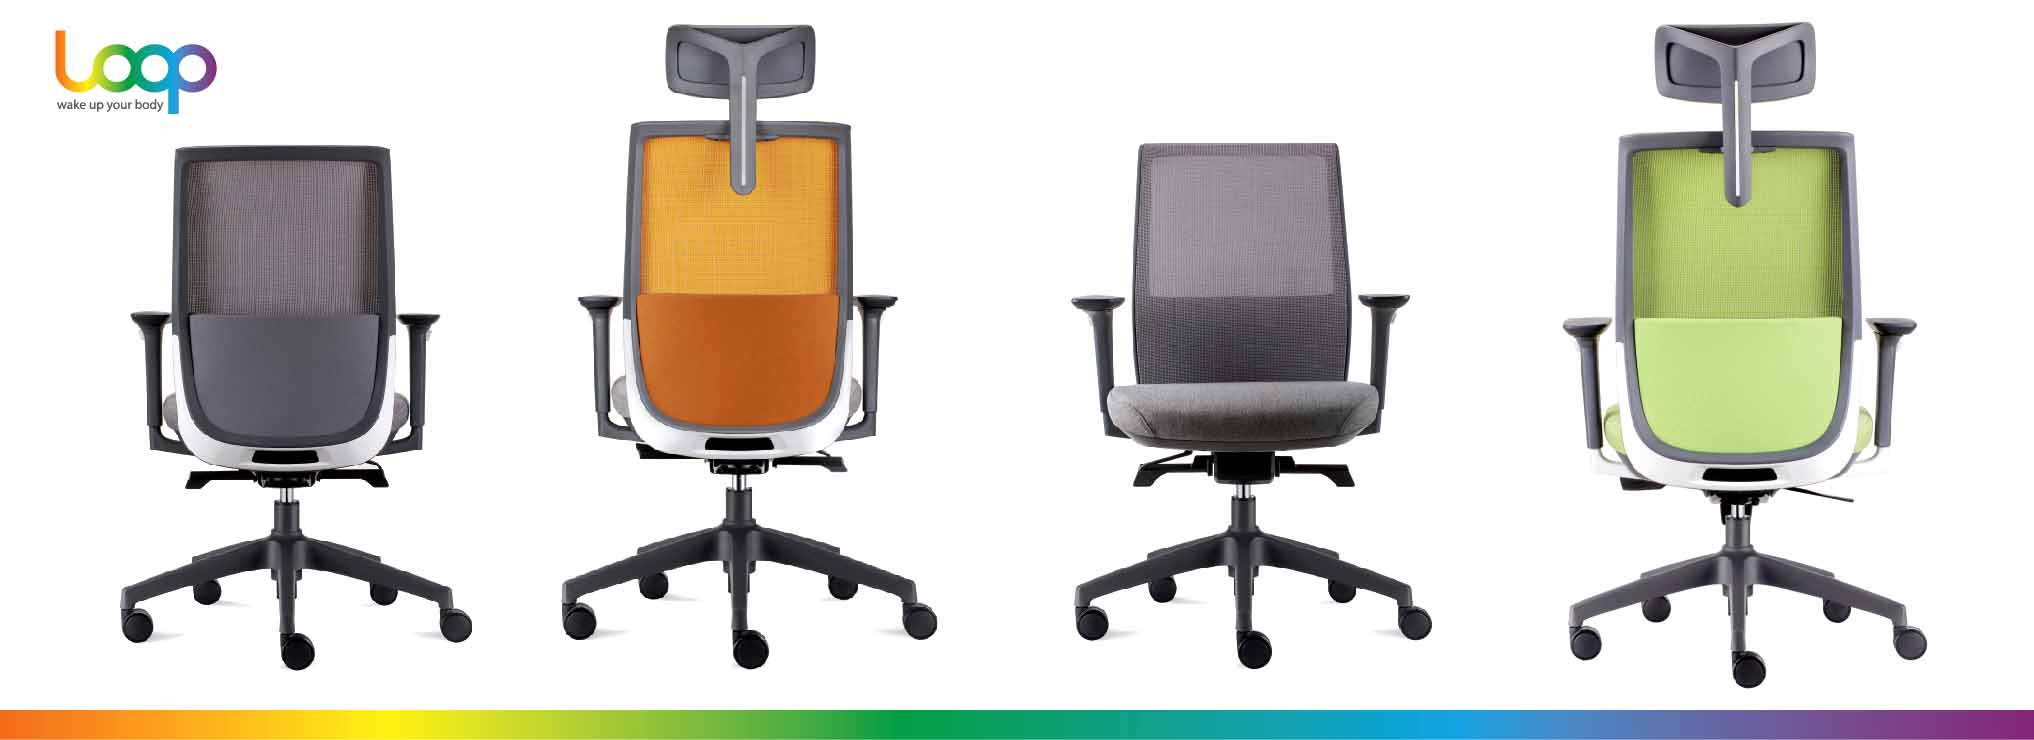 เก้าอี้สำนักงานเพื่อสุขภาพ-13